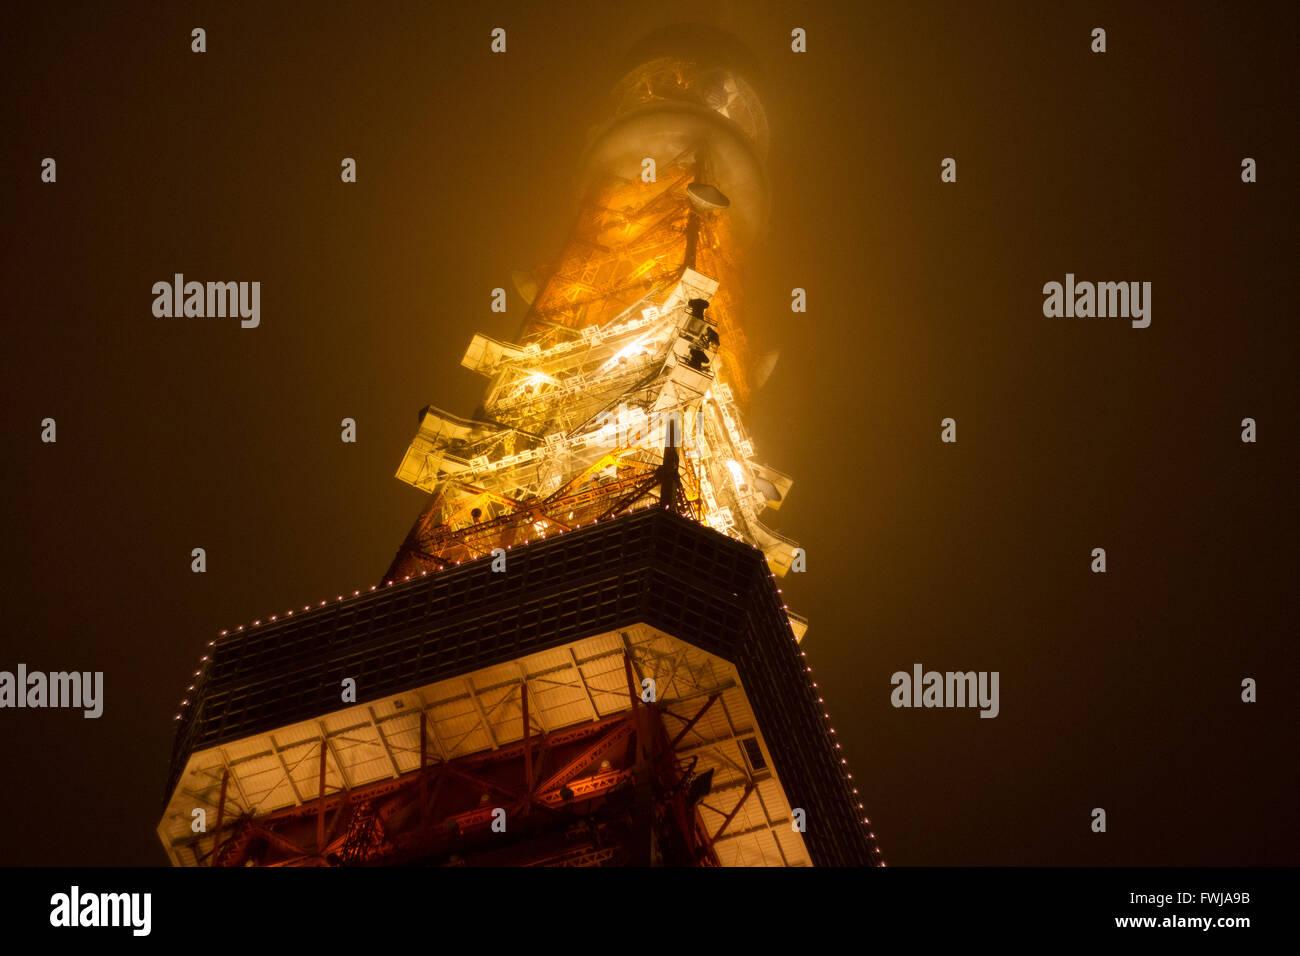 Ángulo de visión baja de la Torre de Tokyo iluminada contra el cielo claro al atardecer Imagen De Stock